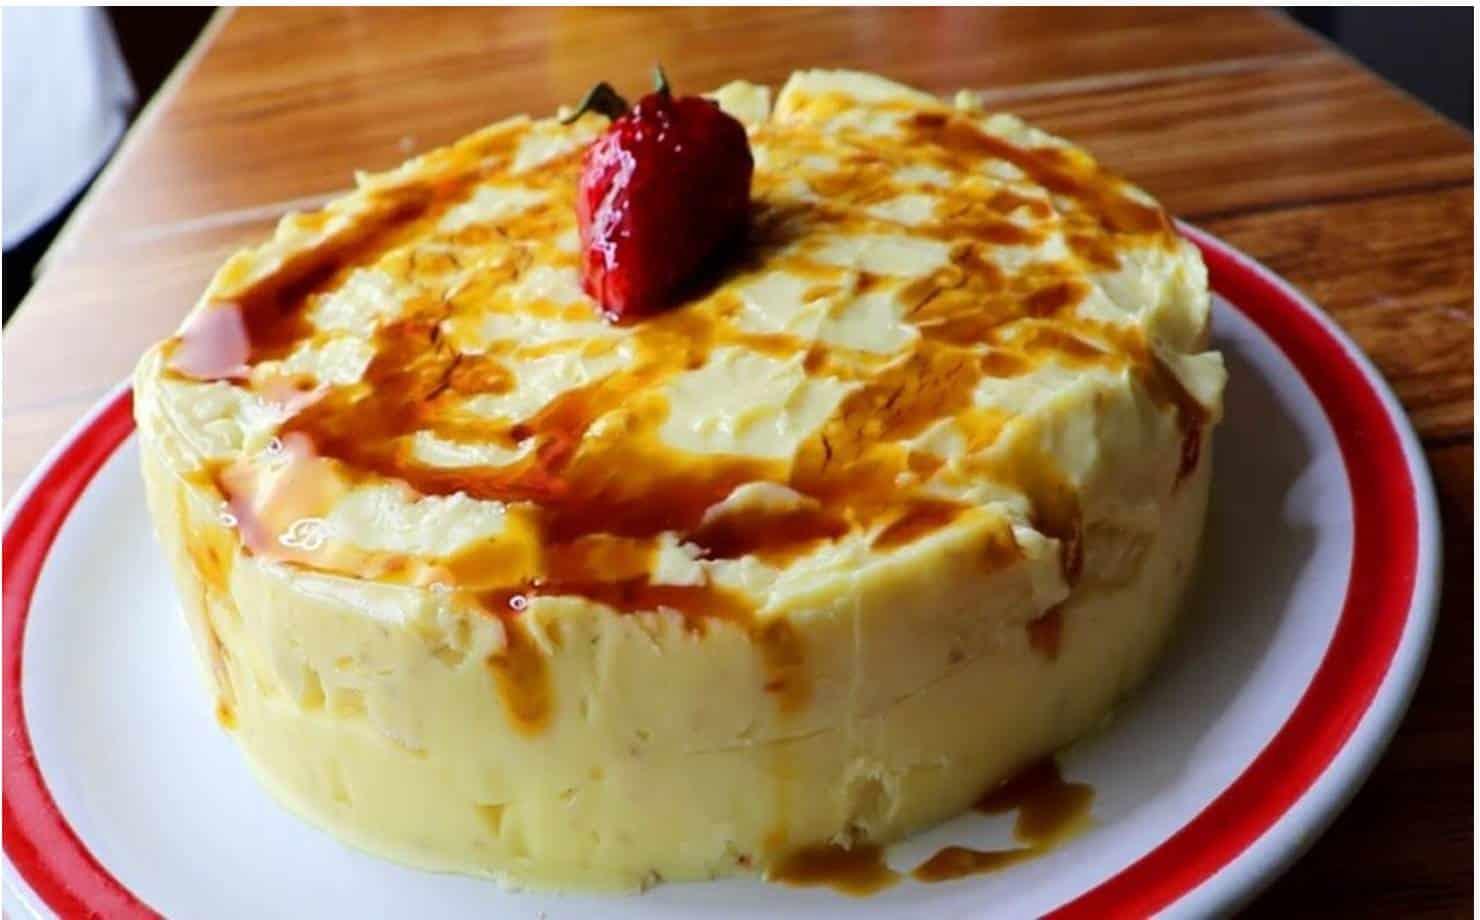 Se você tem leite e amido de milho, prepare esta sobremesa deliciosa